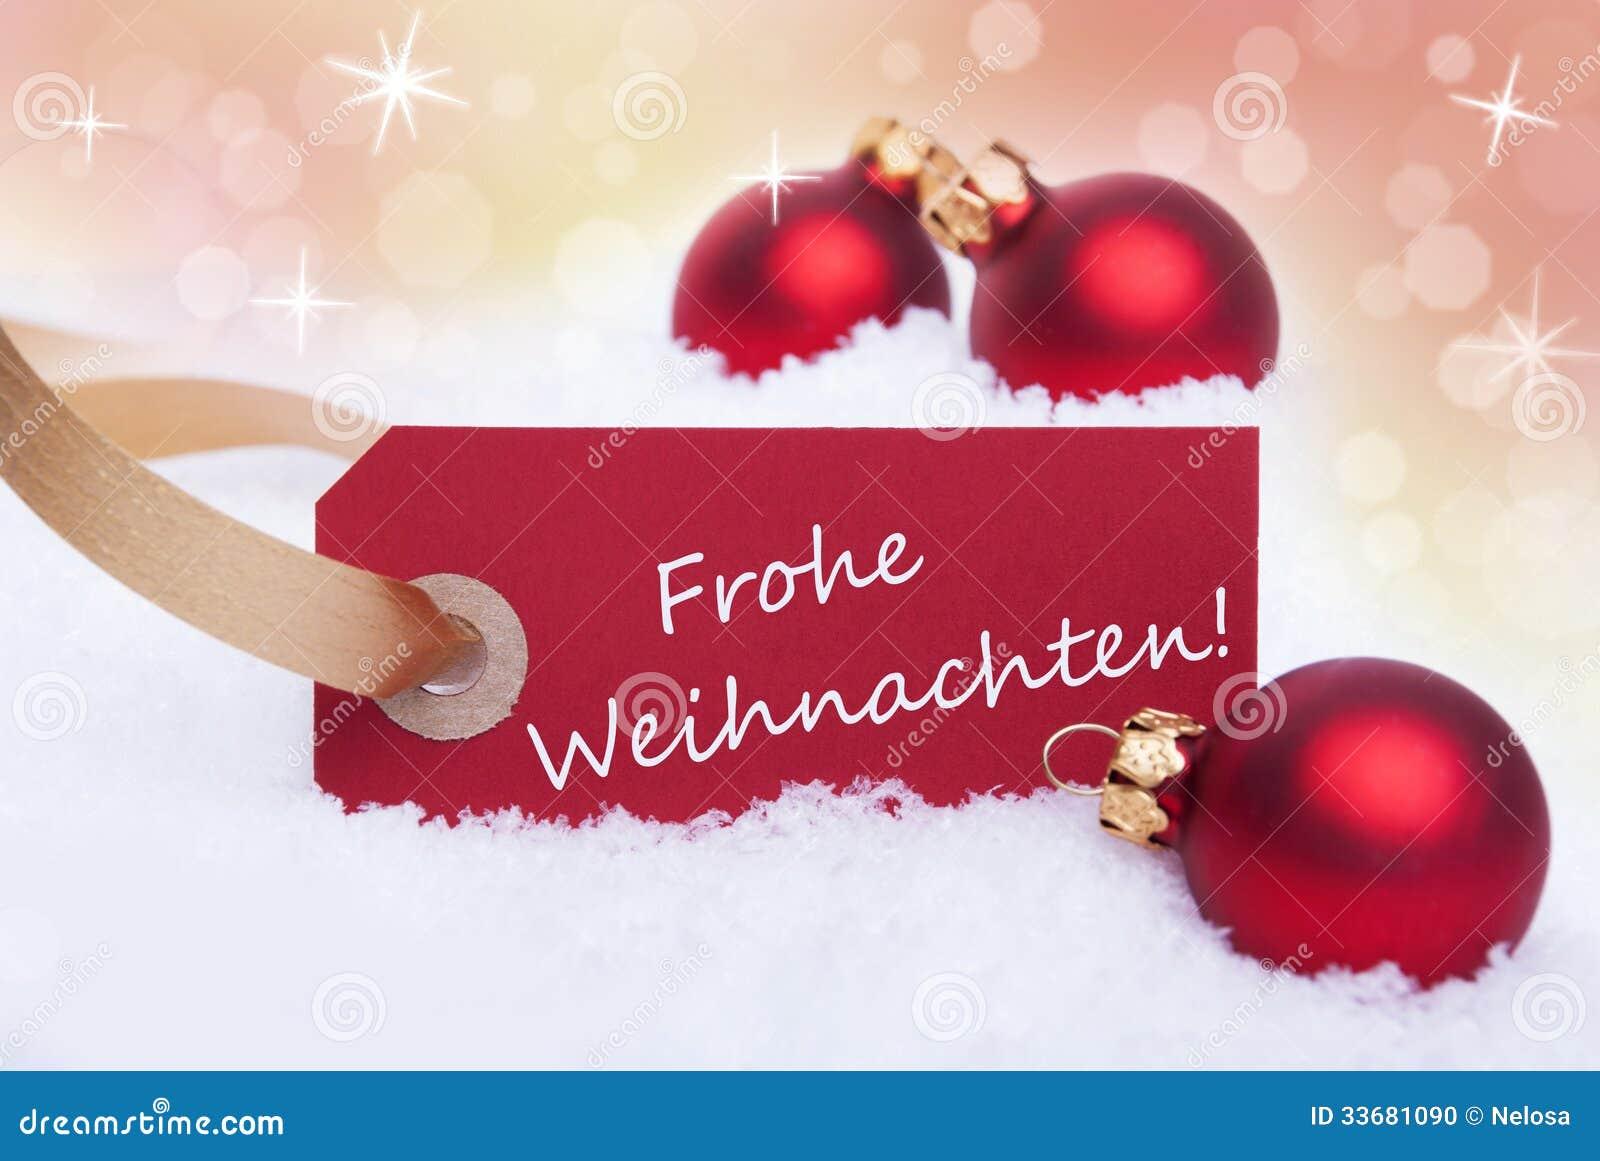 Buon Natale Que Significa.Insegna Rossa Con Frohe Weihnachten Fotografia Stock Immagine Di